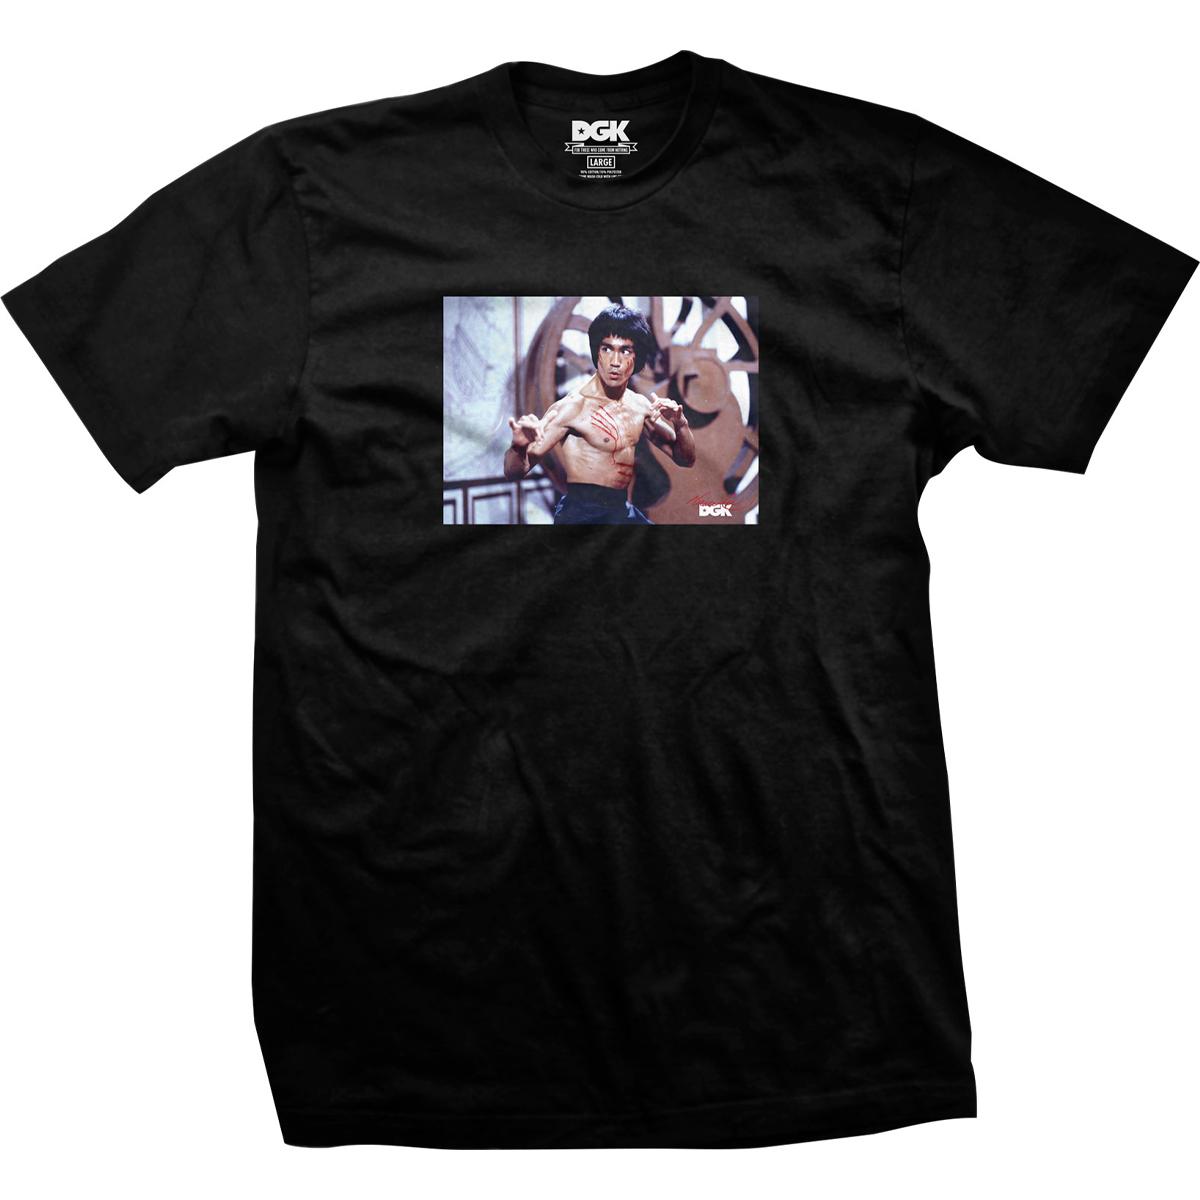 Scratch DGK T-shirt - Black